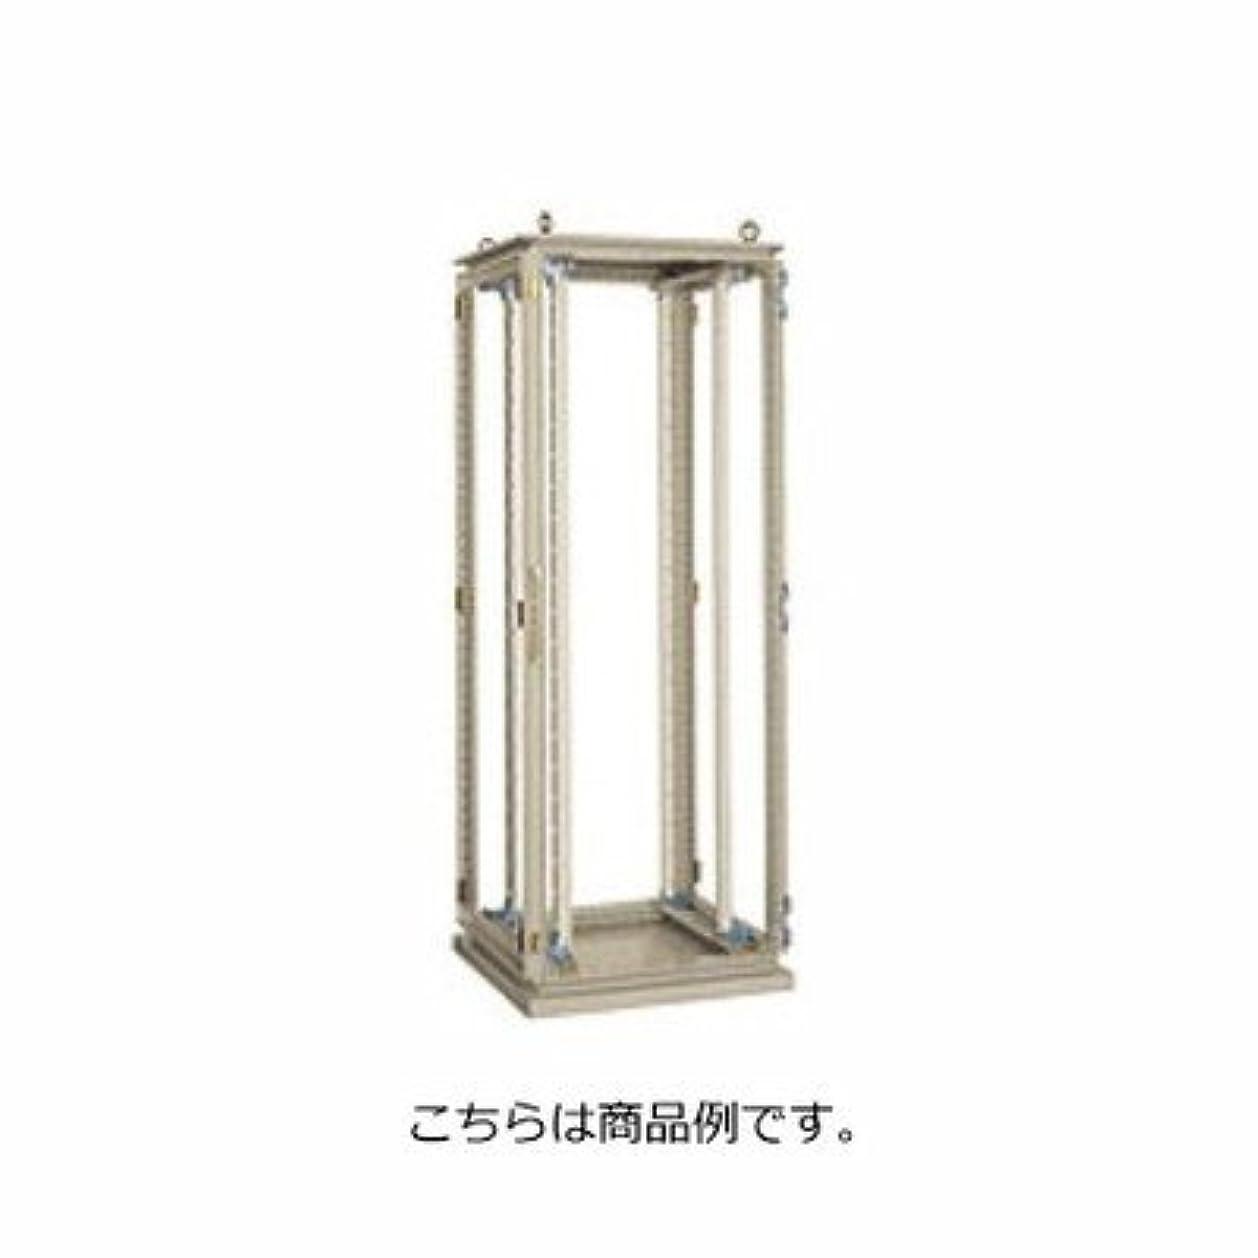 基礎理論帰する決定日東工業 FJ80-823E 自立形キャビネット FJシリーズ?ラックマウントタイプ(EIA)